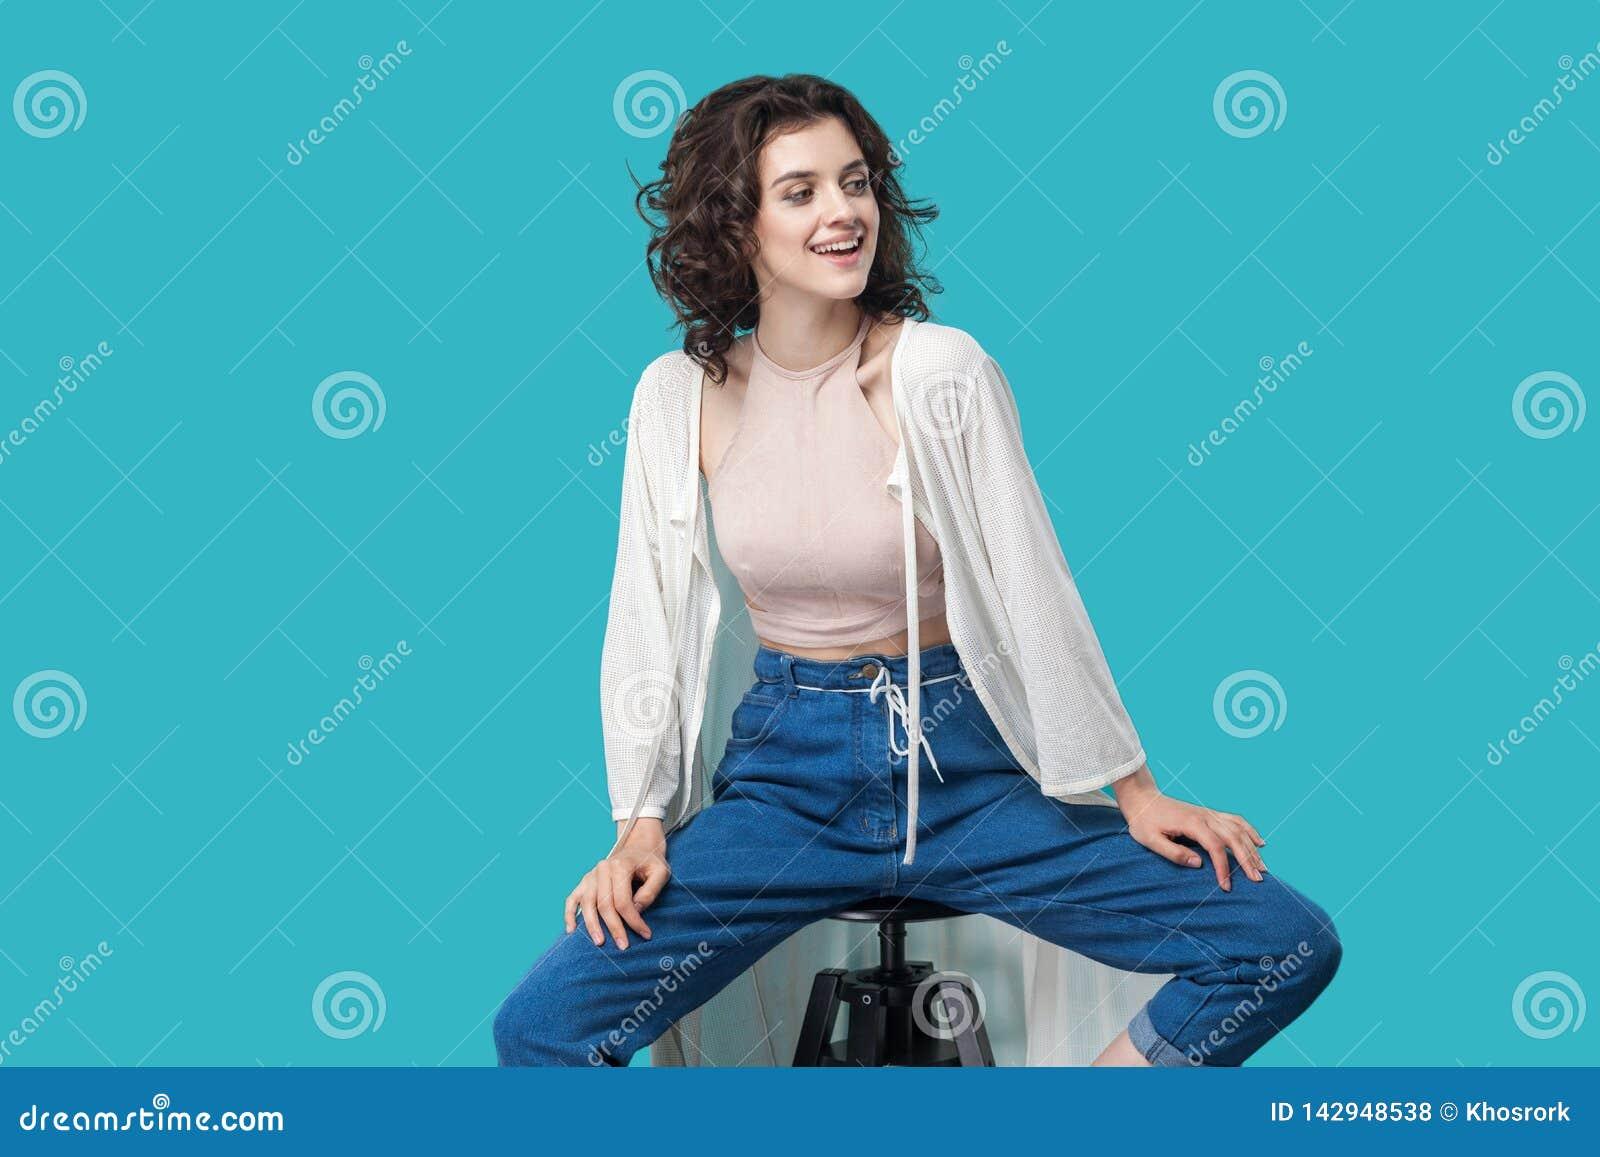 Ritratto di riuscita bella giovane donna castana soddisfatta felice nello stile casuale che si siede sulla sedia, sul sorridere a